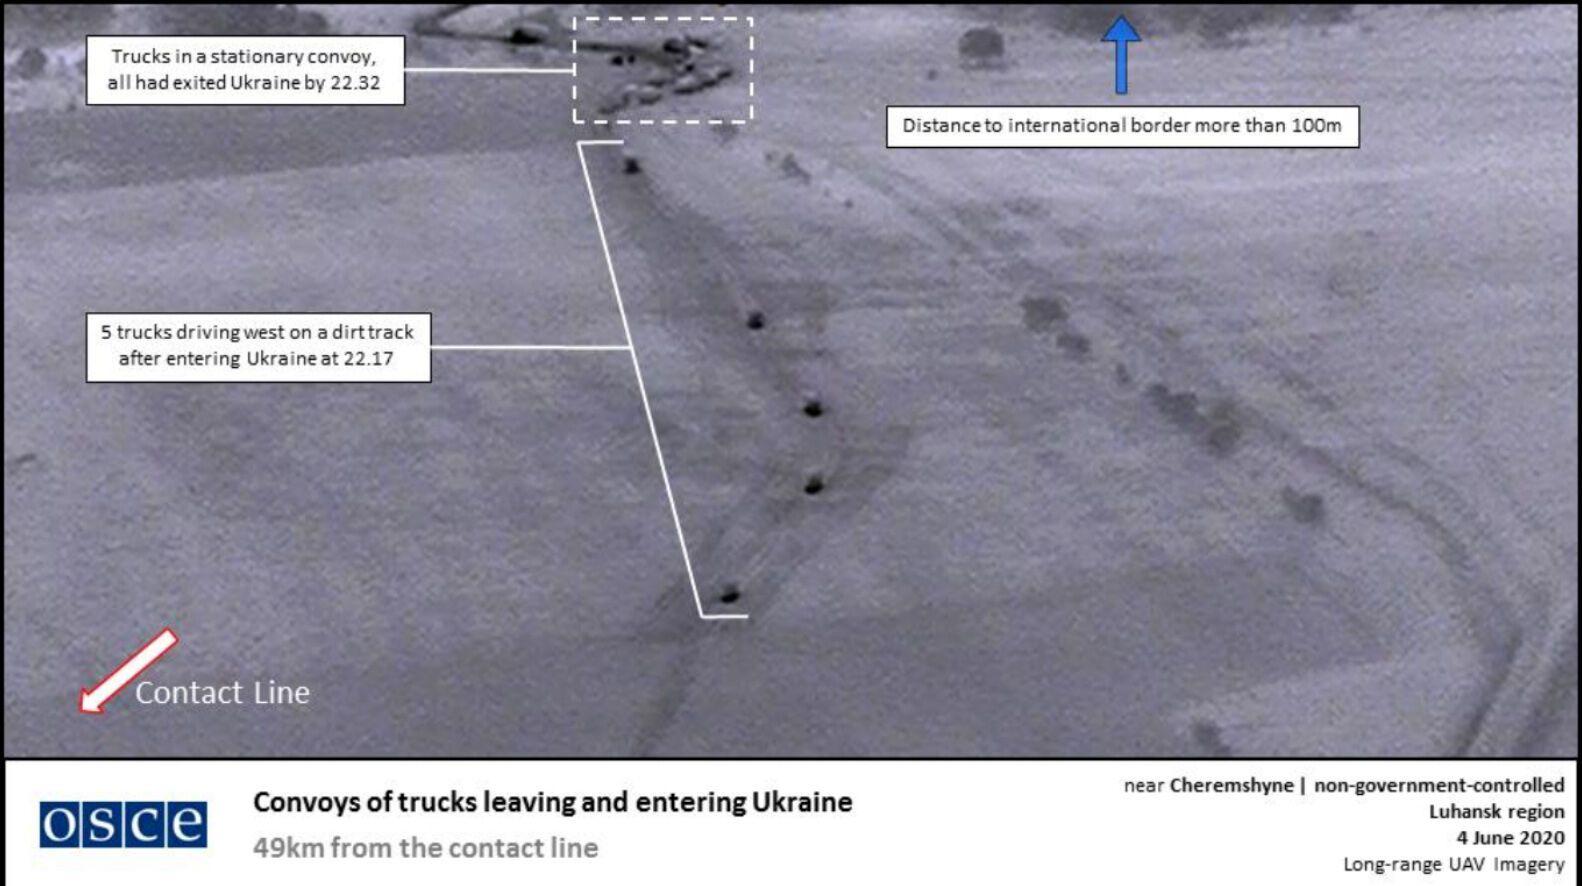 Снимки из БПЛА, подтверждающие переброс российской военной техники в Луганск